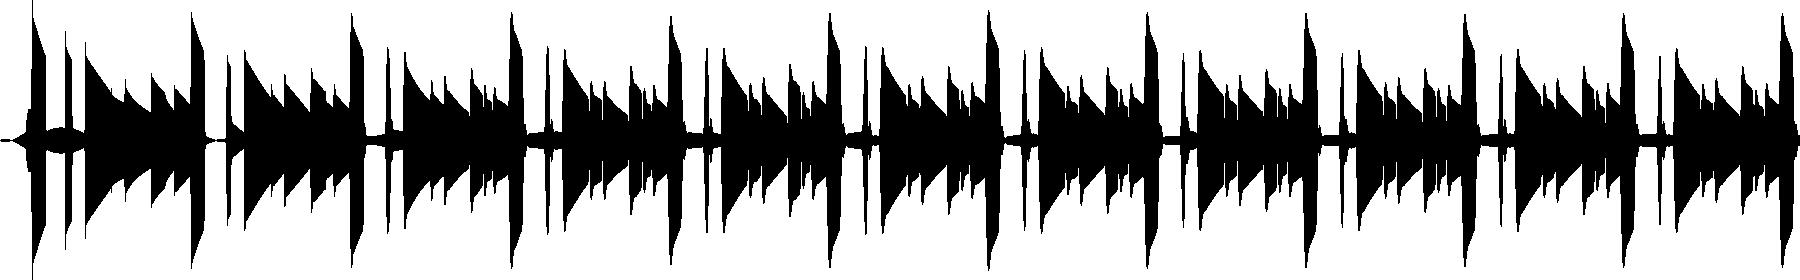 veh2 synths   006 c